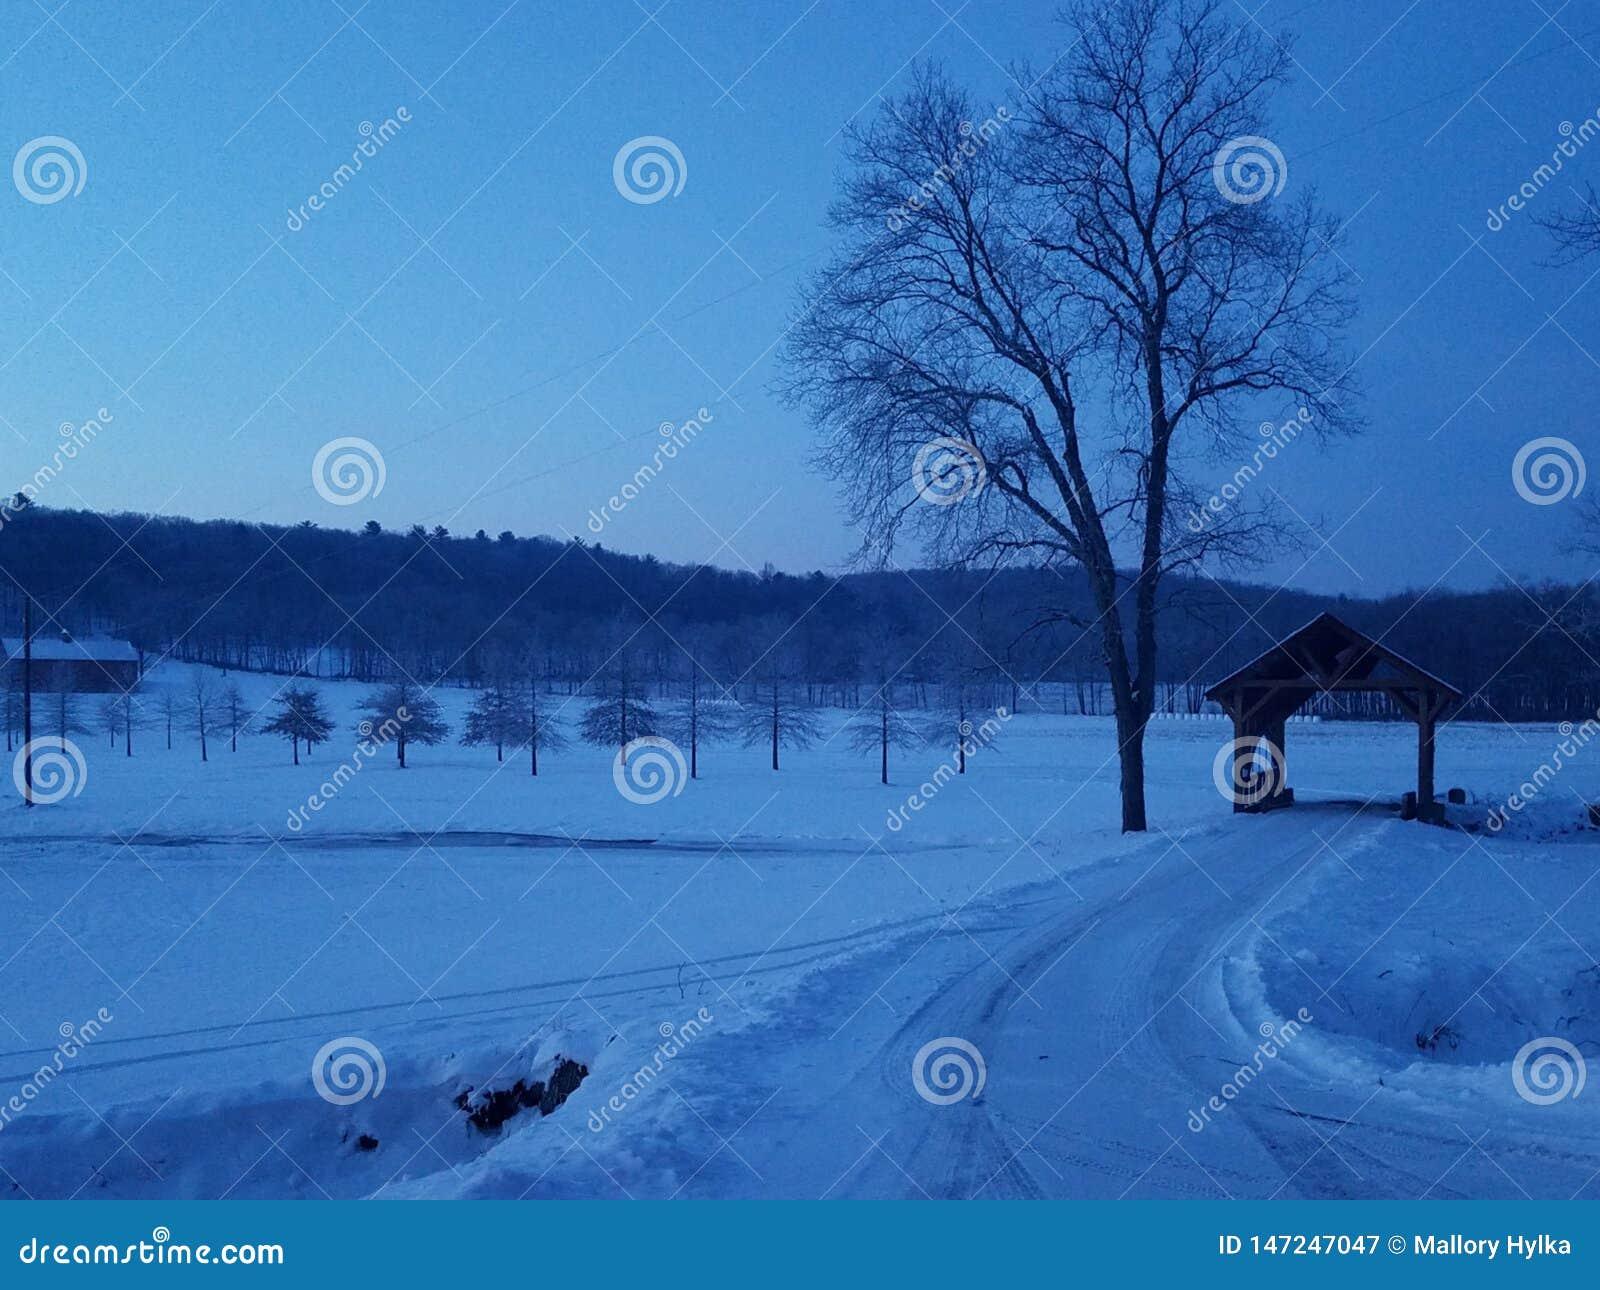 Winter Morning in the Skook